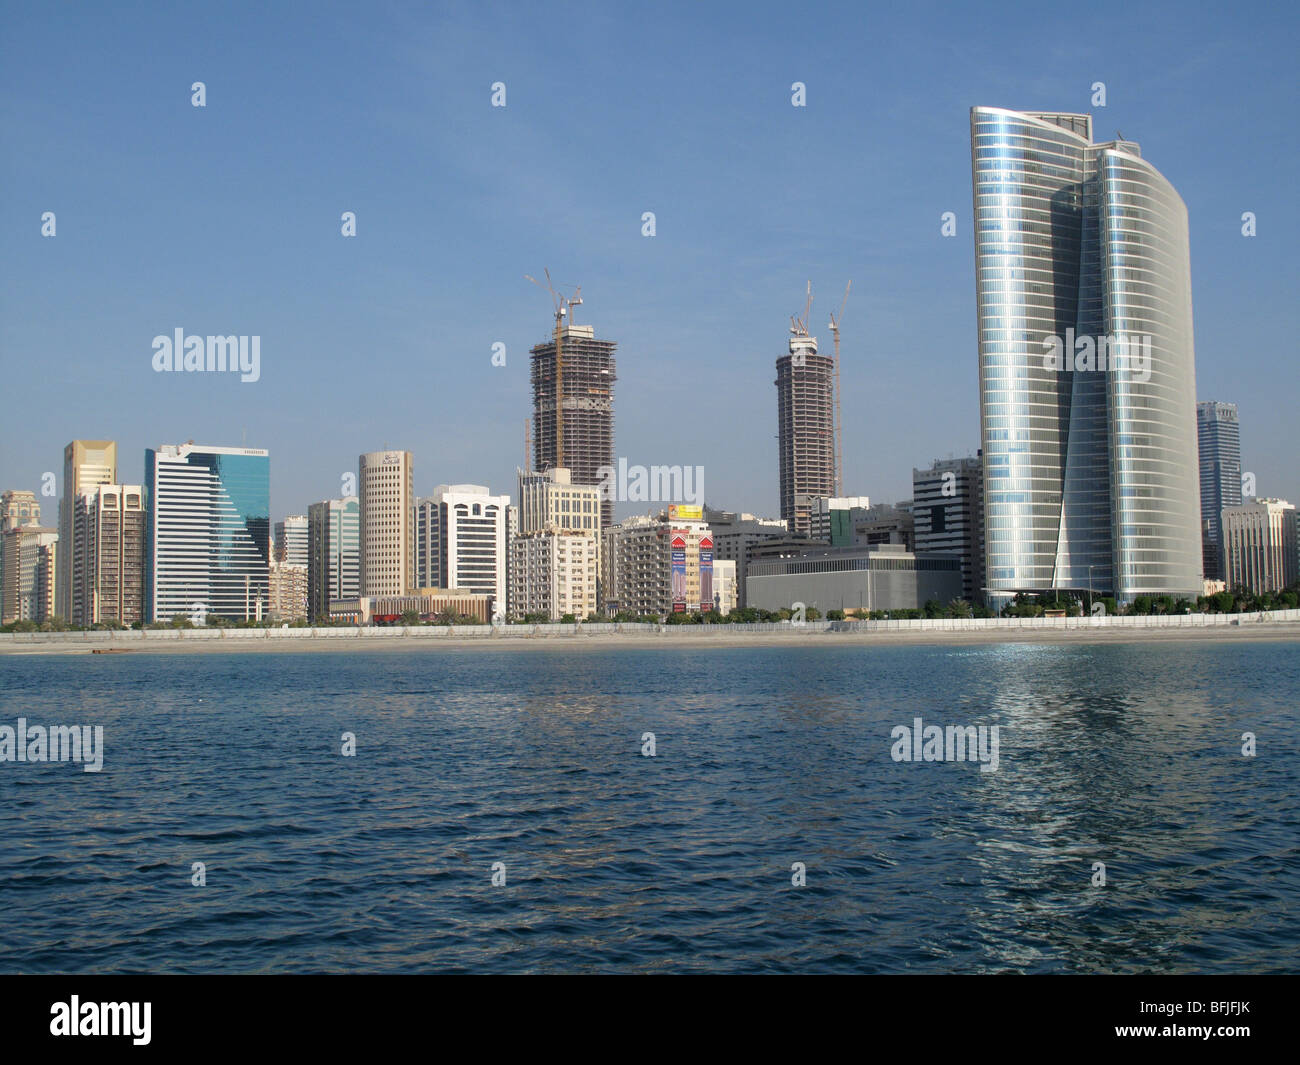 Altos y modernos edificios en el paseo marítimo de Corniche, Abu Dhabi, Emiratos Árabes Unidos Imagen De Stock